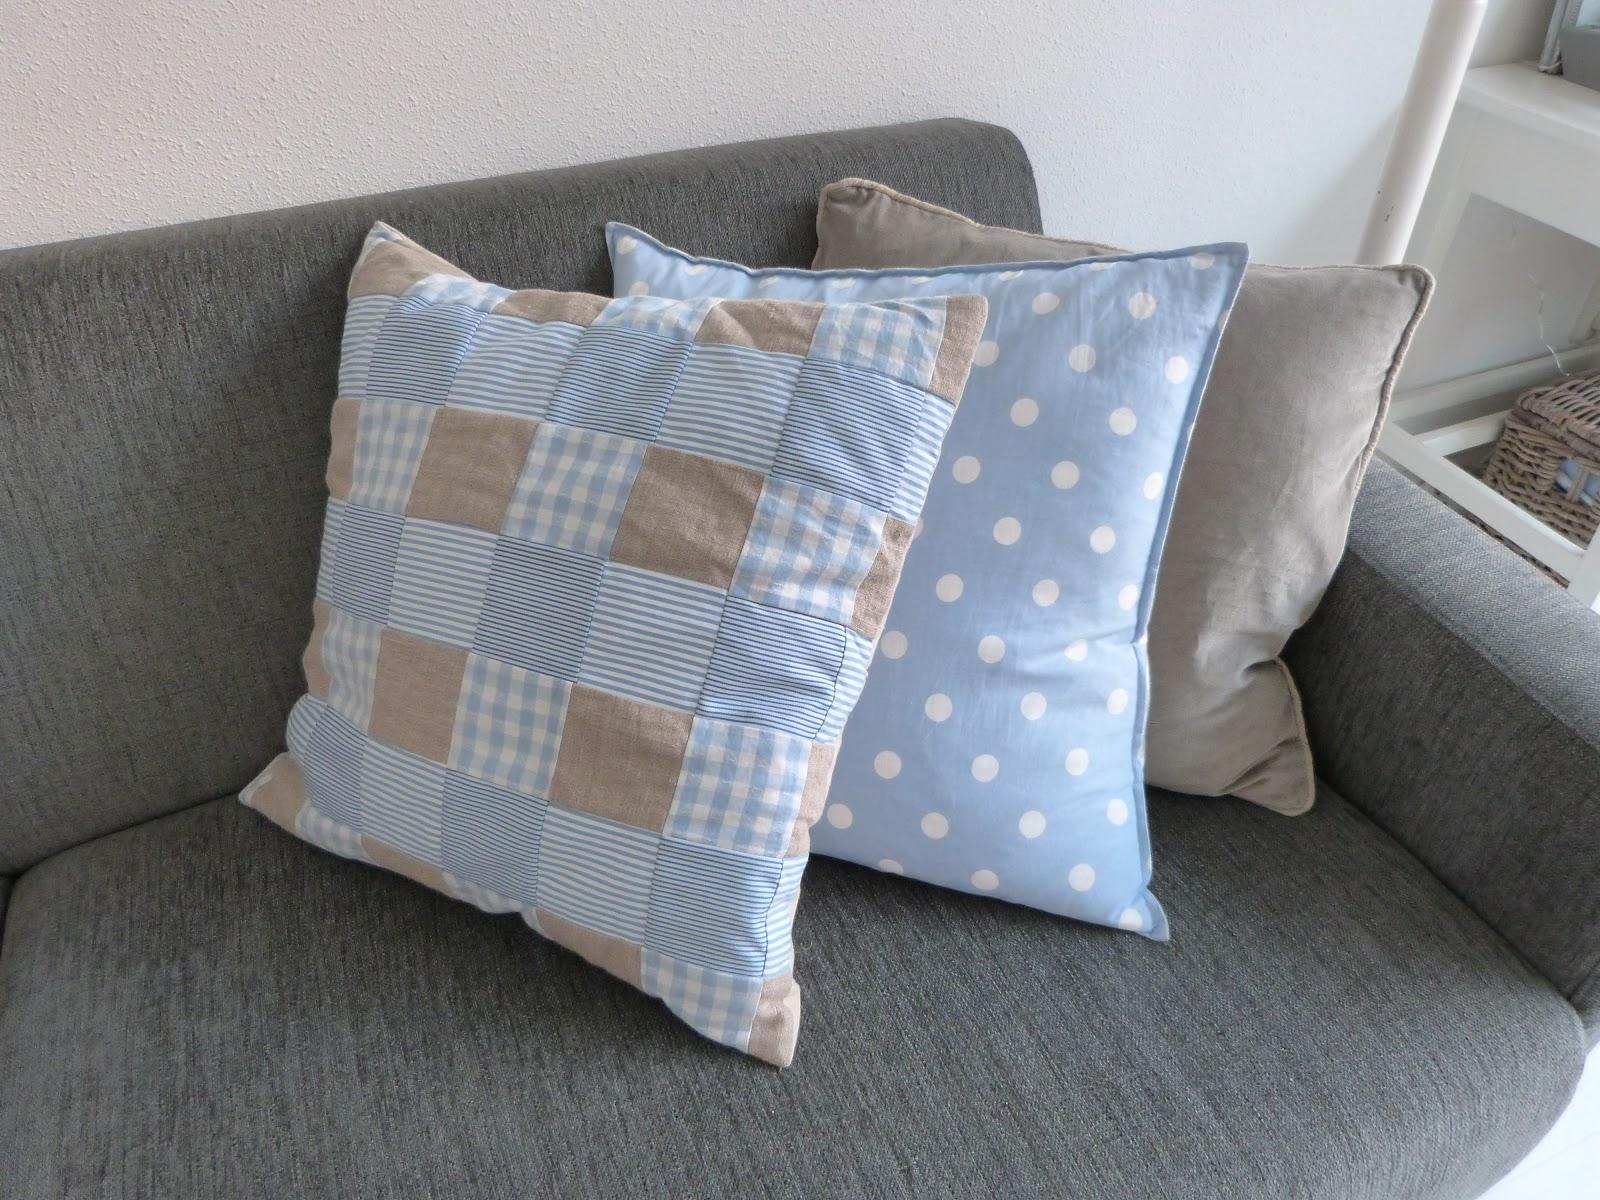 Woonkamer Kussens : Twee kussens heb ik gemaakt van kleine vierkante ...